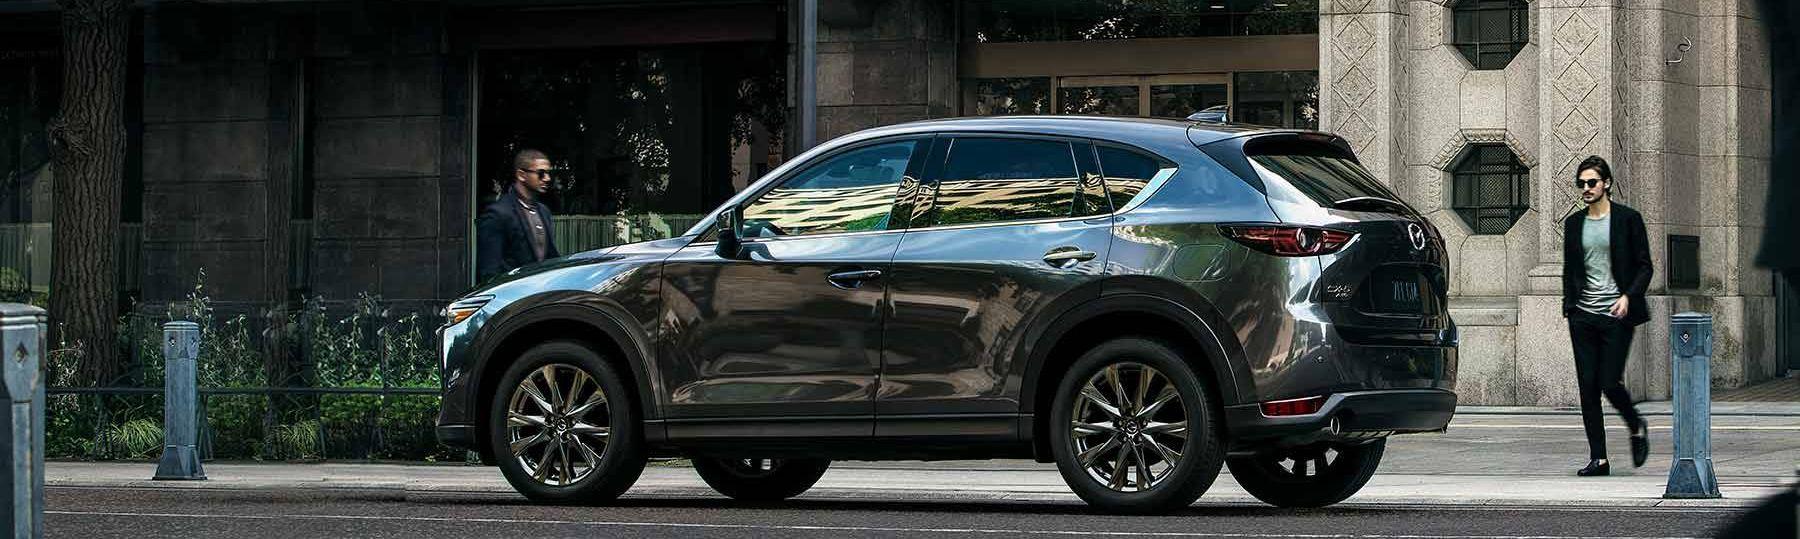 2019 Mazda CX-5 for Sale near Bastrop, LA